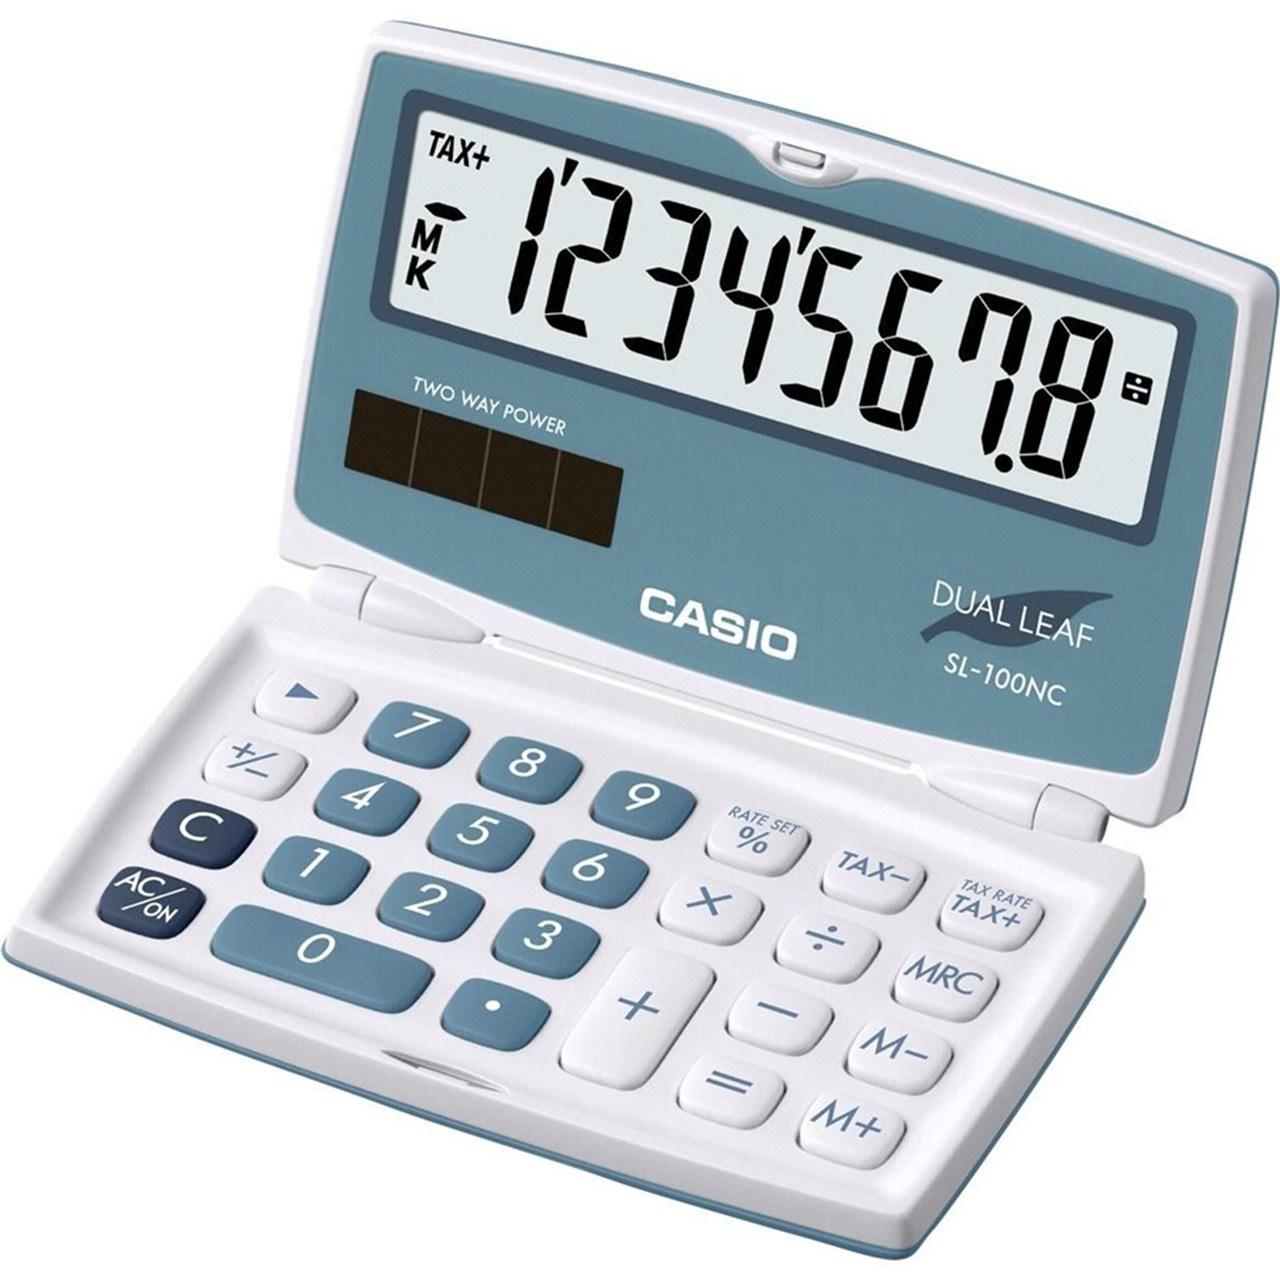 قیمت                      ماشین حساب کاسیو مدل SL-100NC